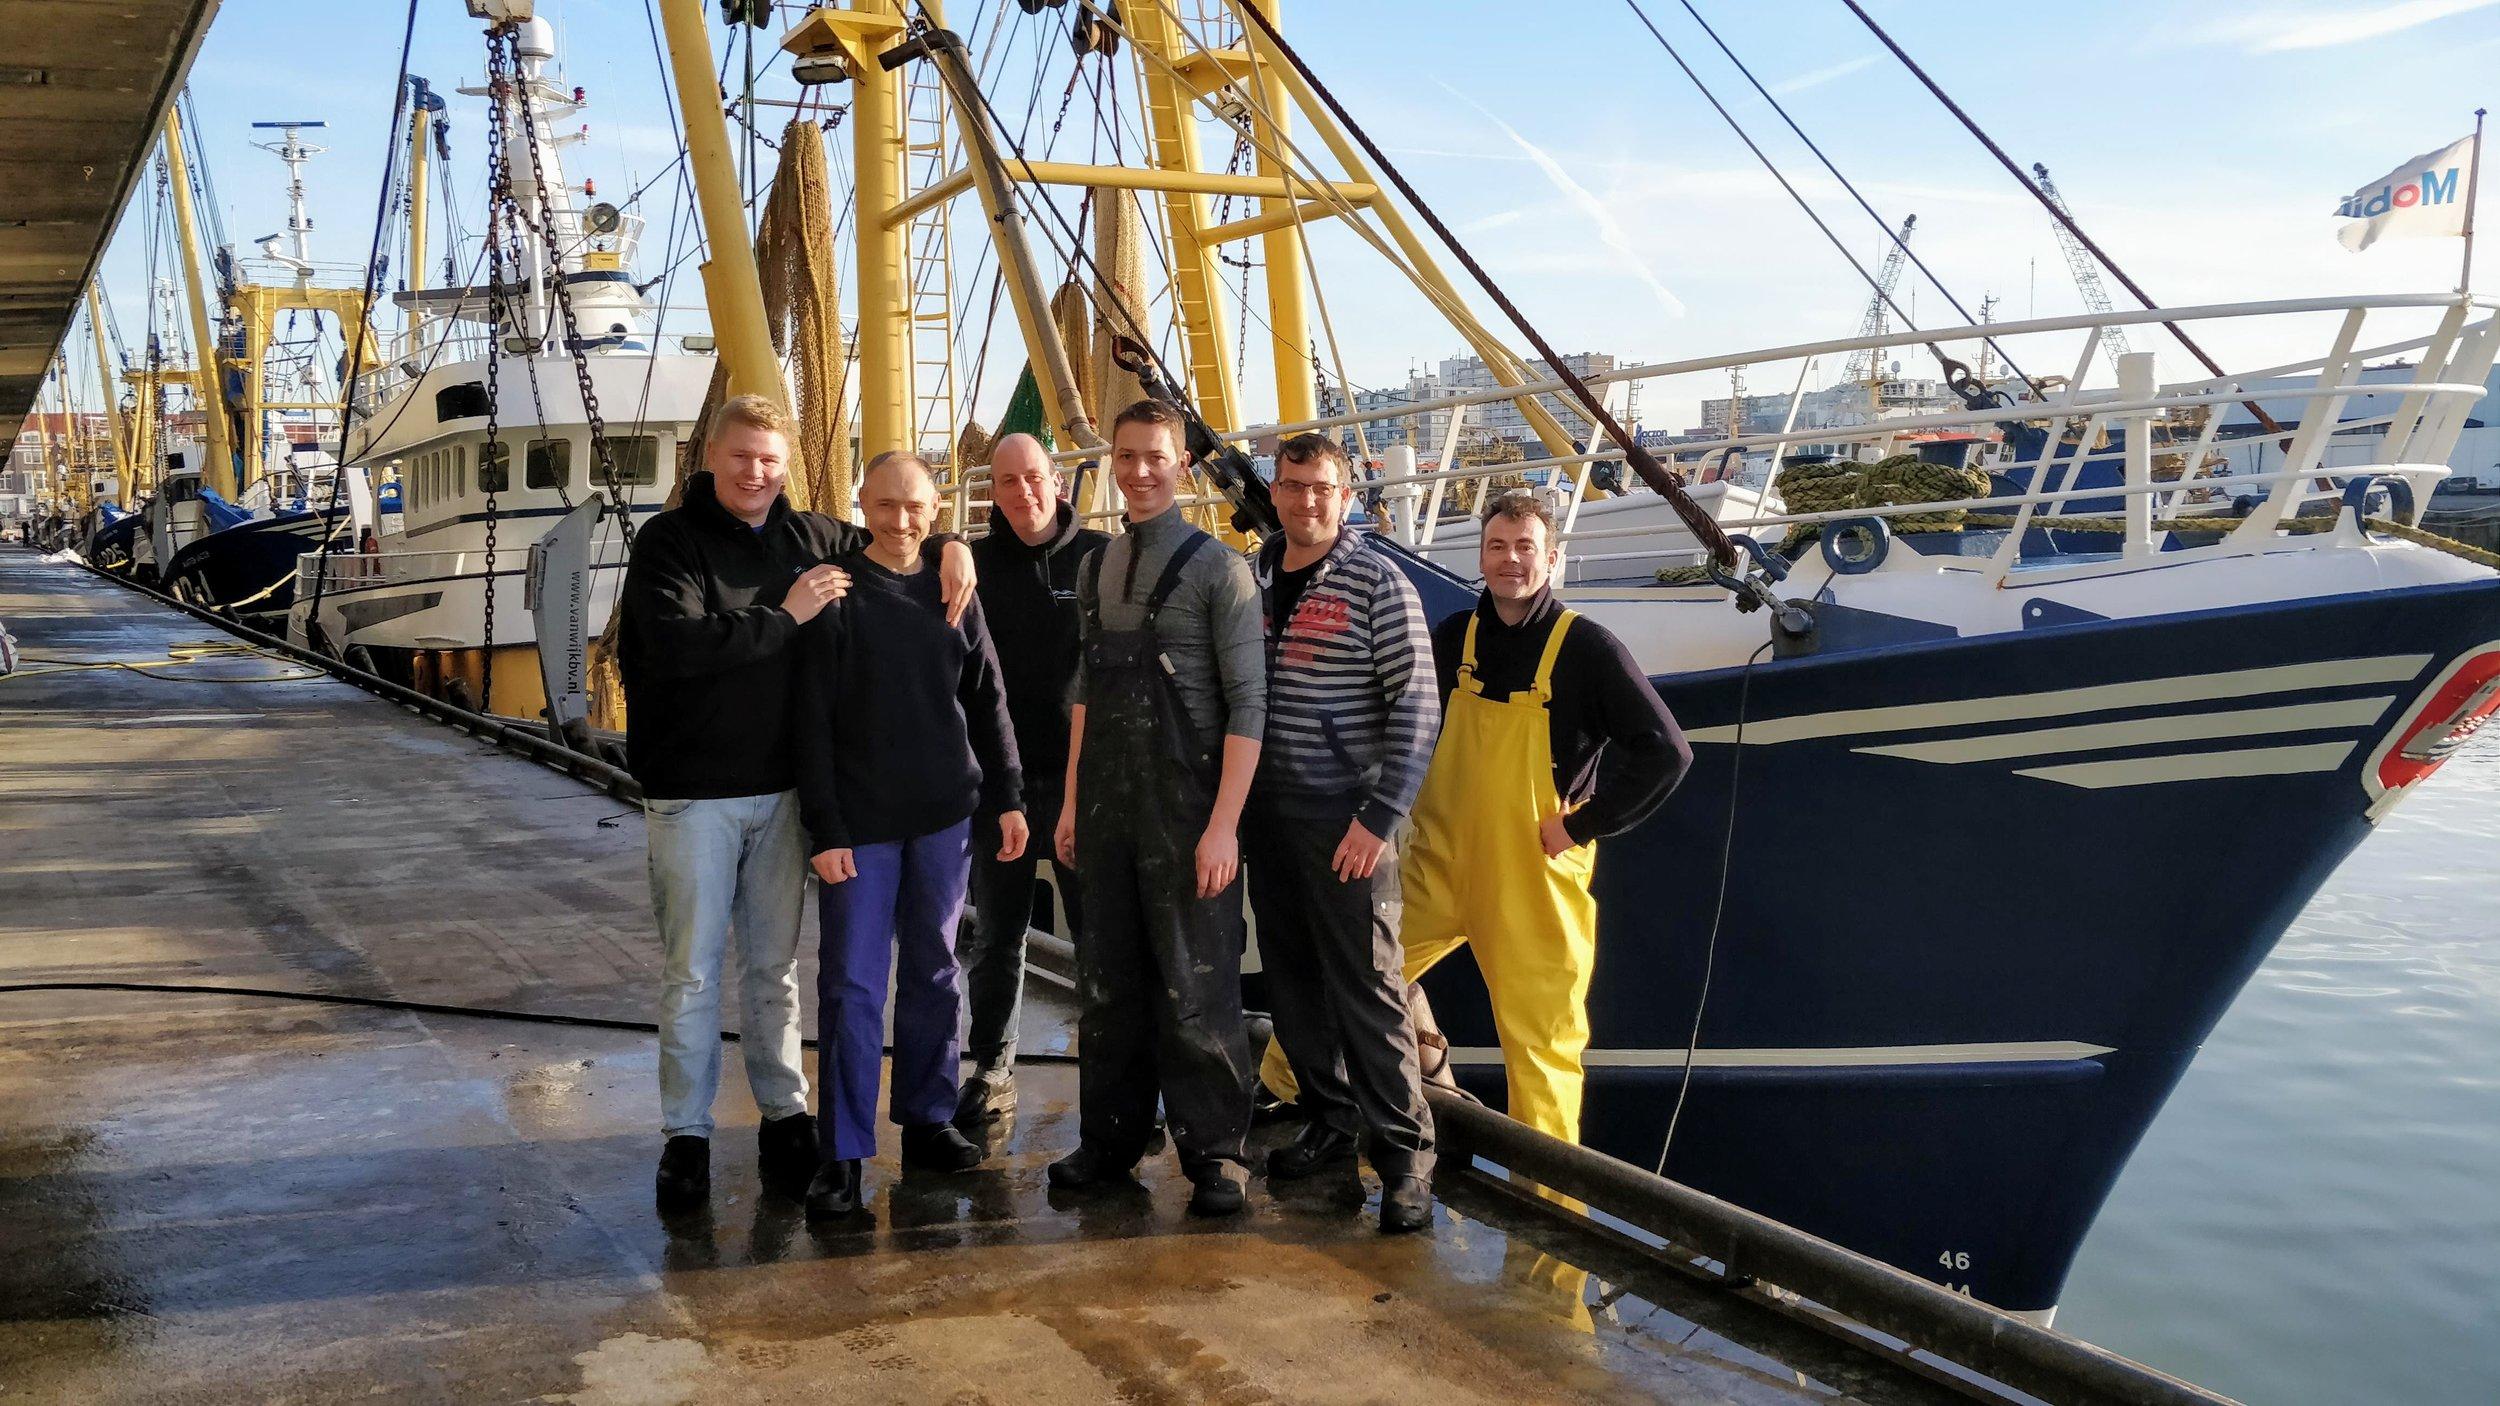 The crew of the Eben Haezer, Richard, Henk, Kees, Peter, Hans and Chris.